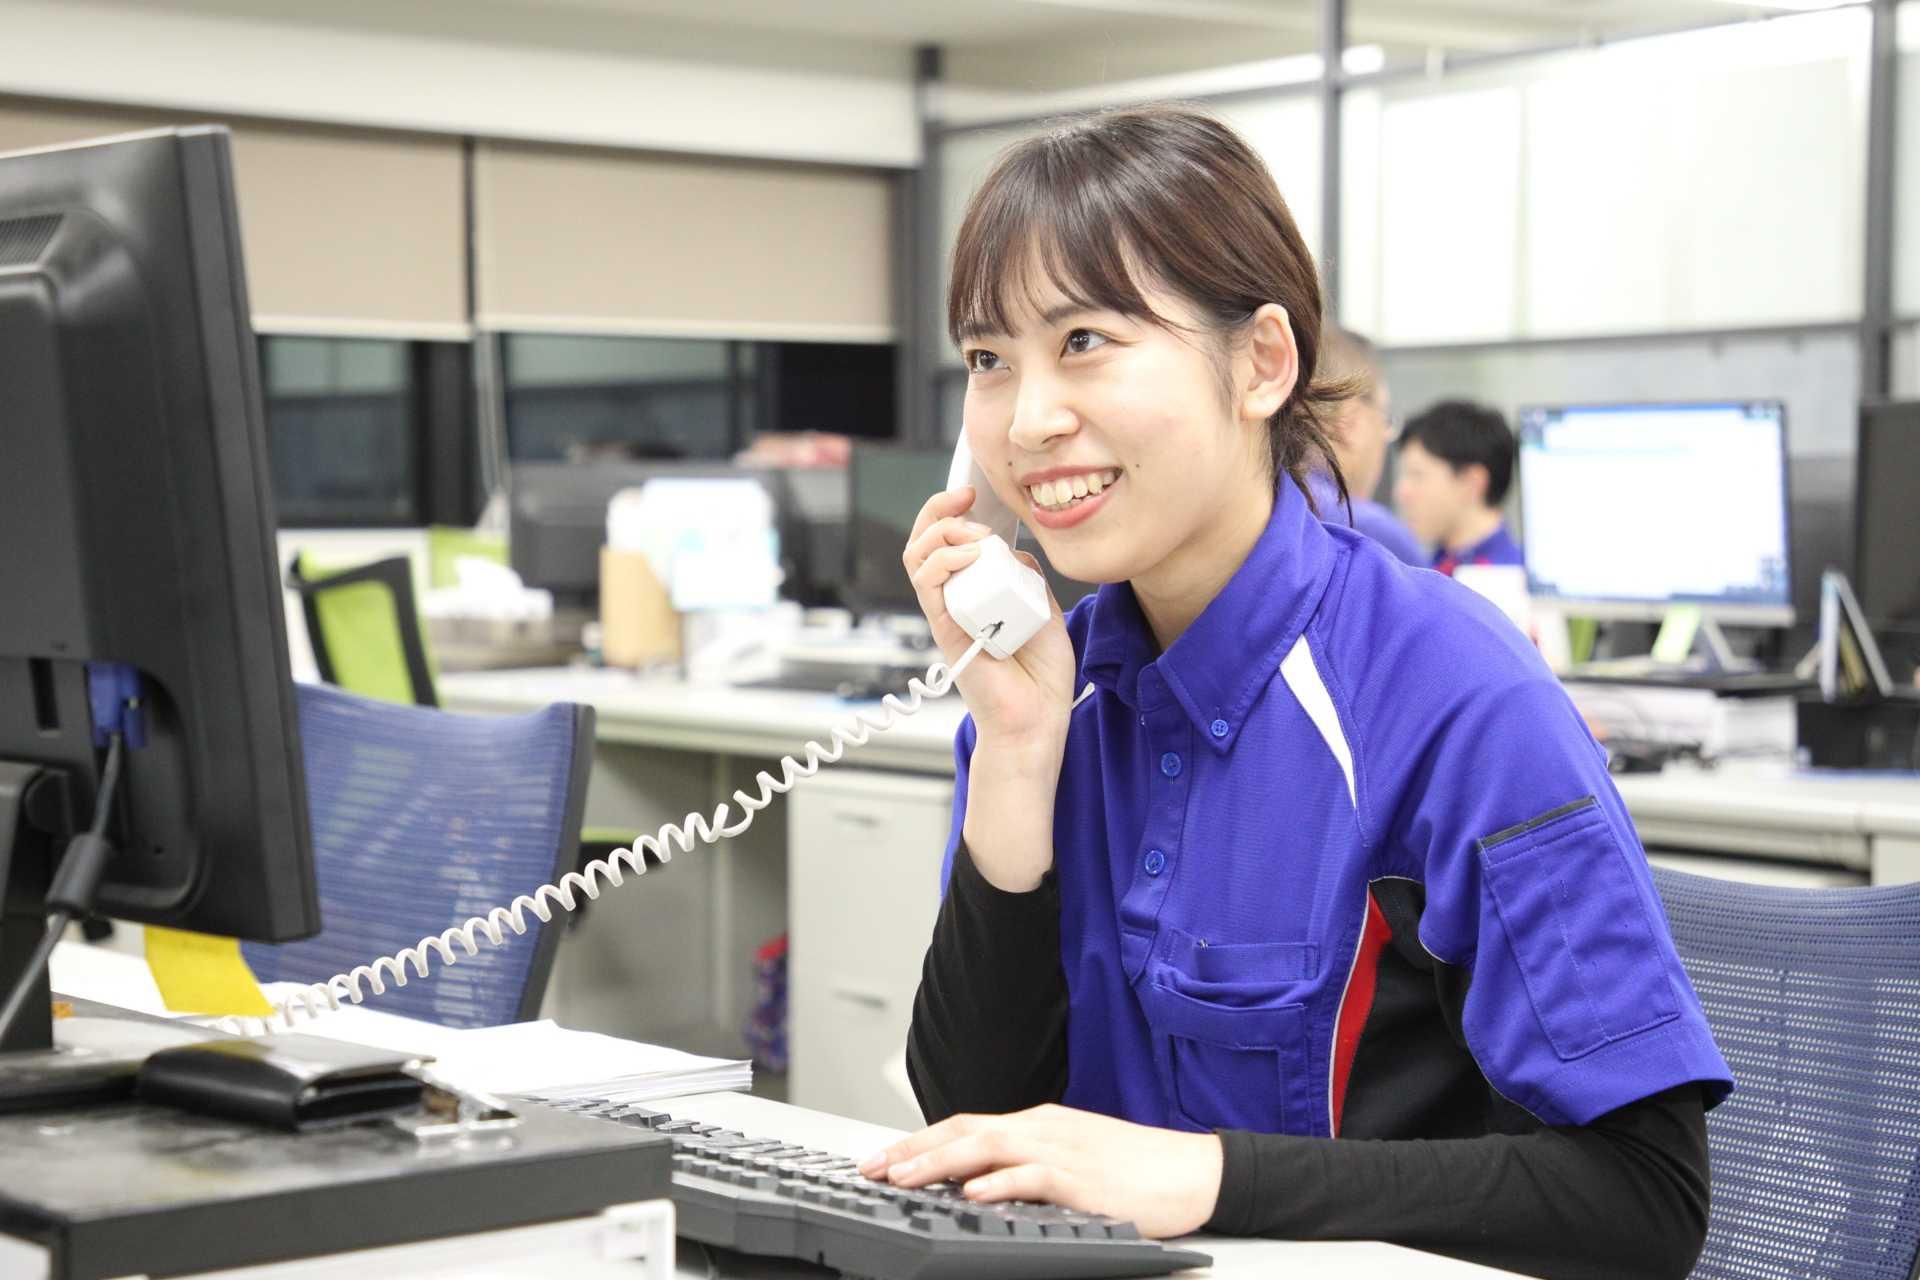 電話応対などの一般事務作業を含みます。